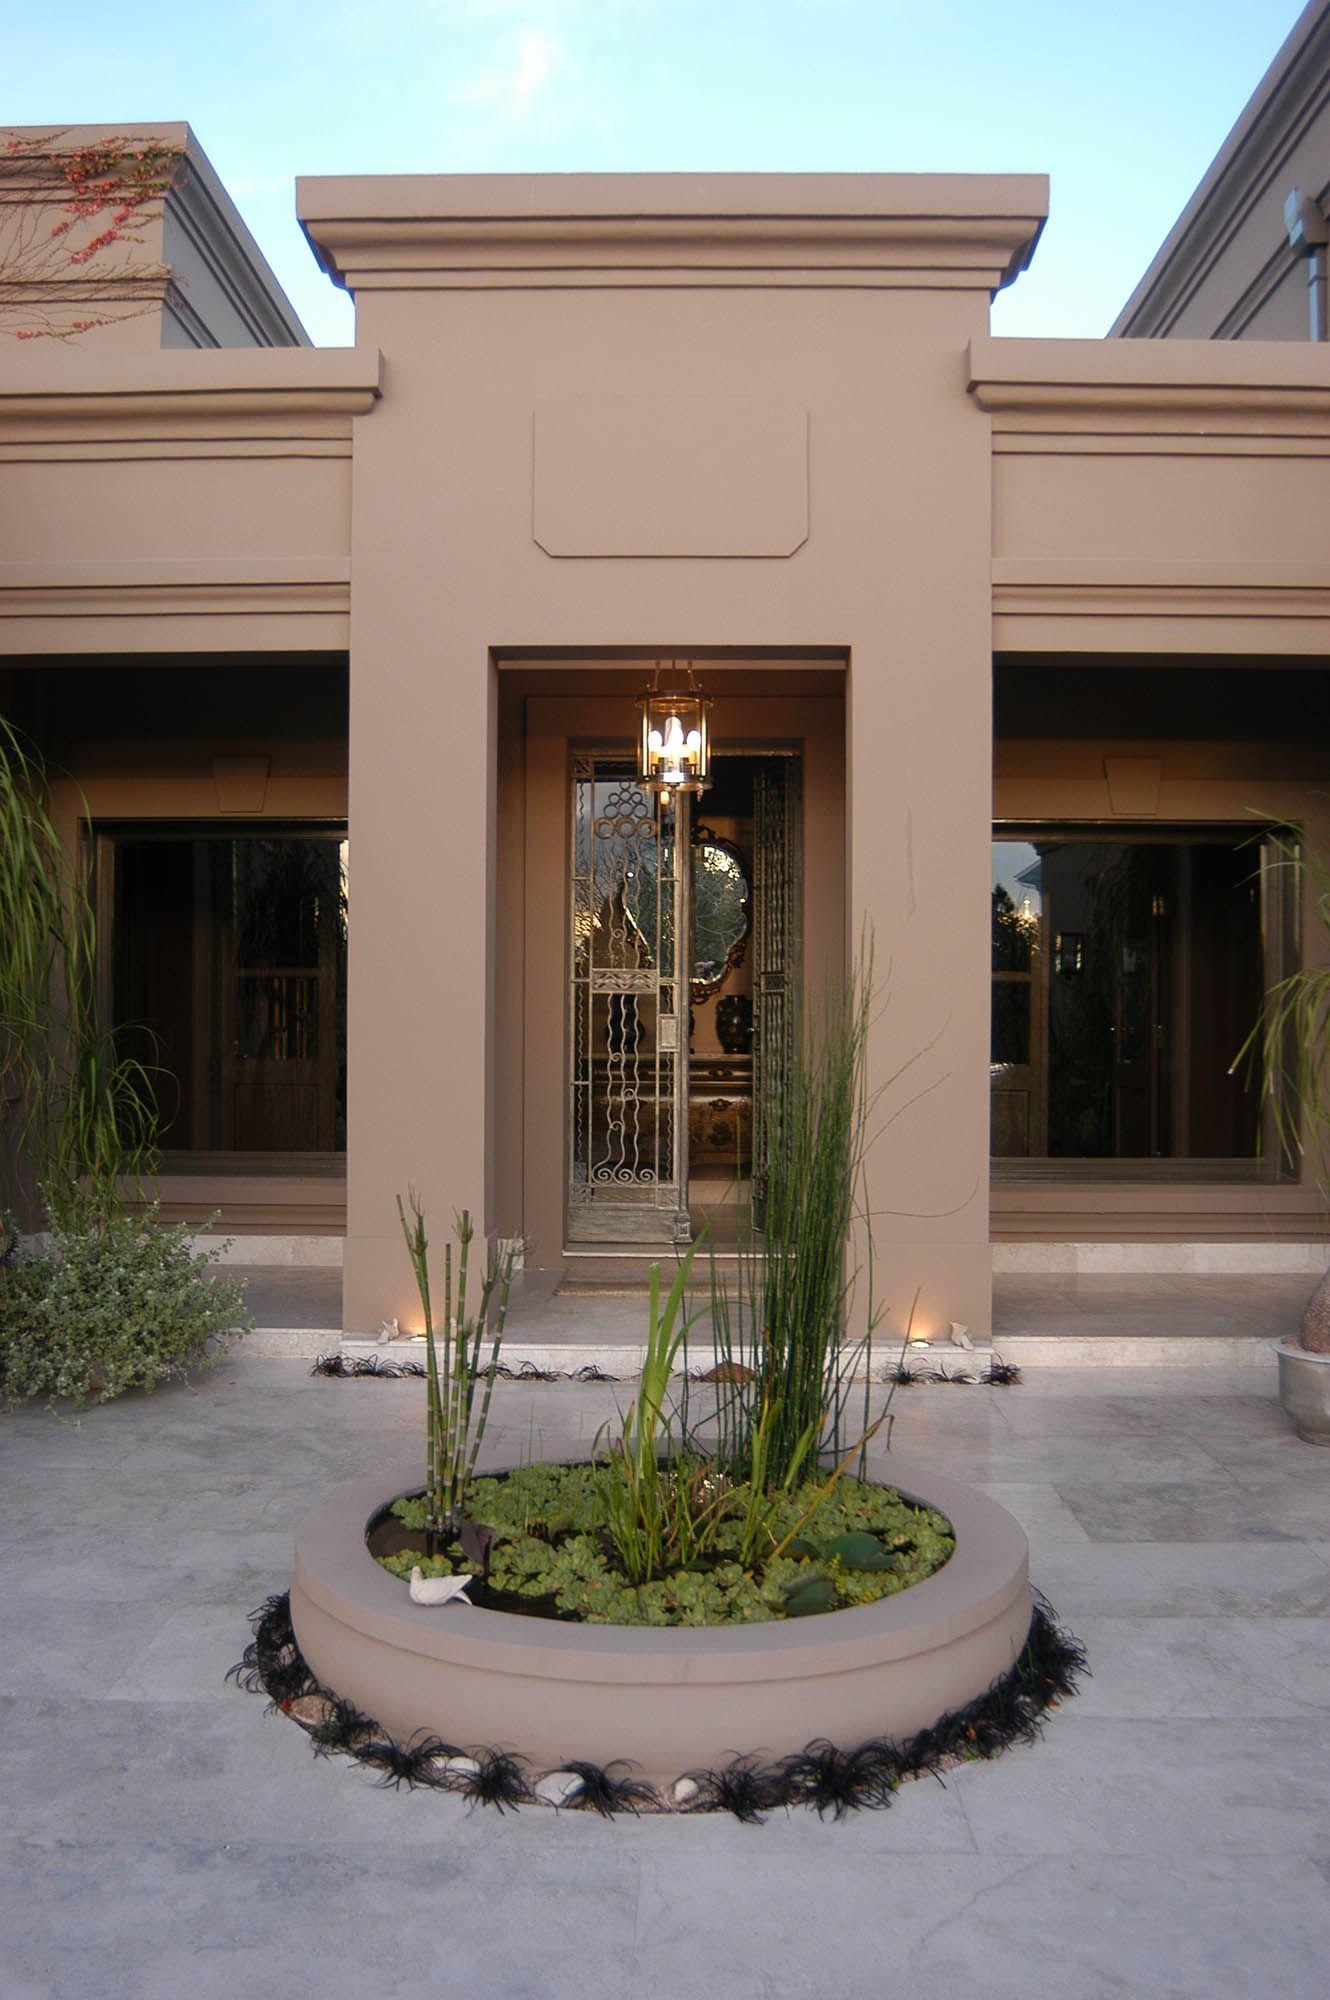 Estudio clari y clari martindale 4 casas home for Fachadas de casas modernas en italia